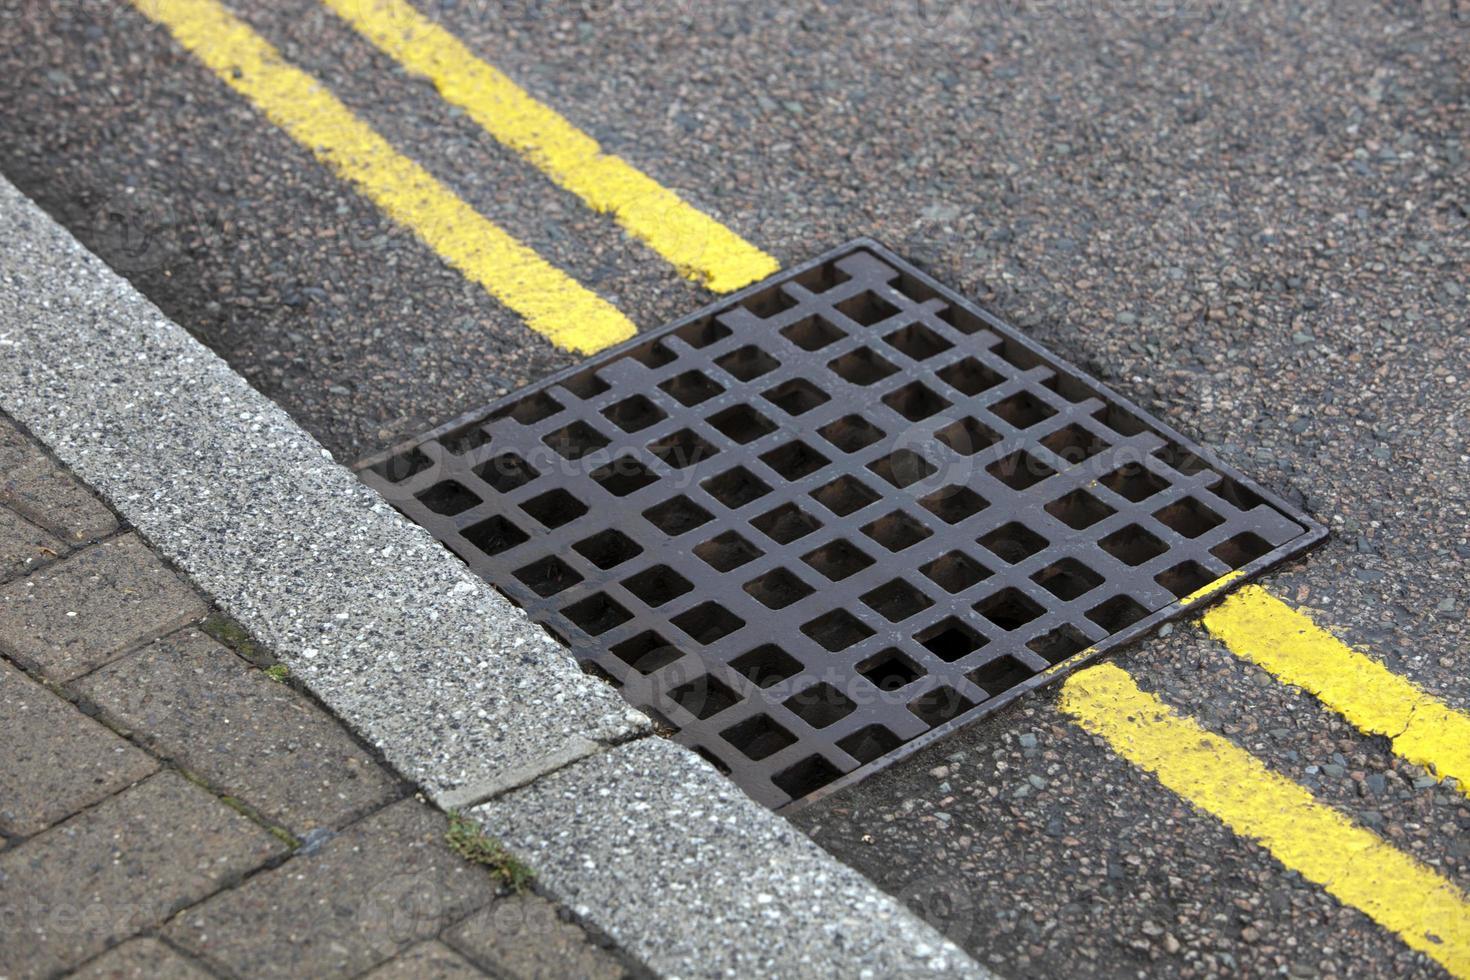 drain de rue sur double ligne jaune photo